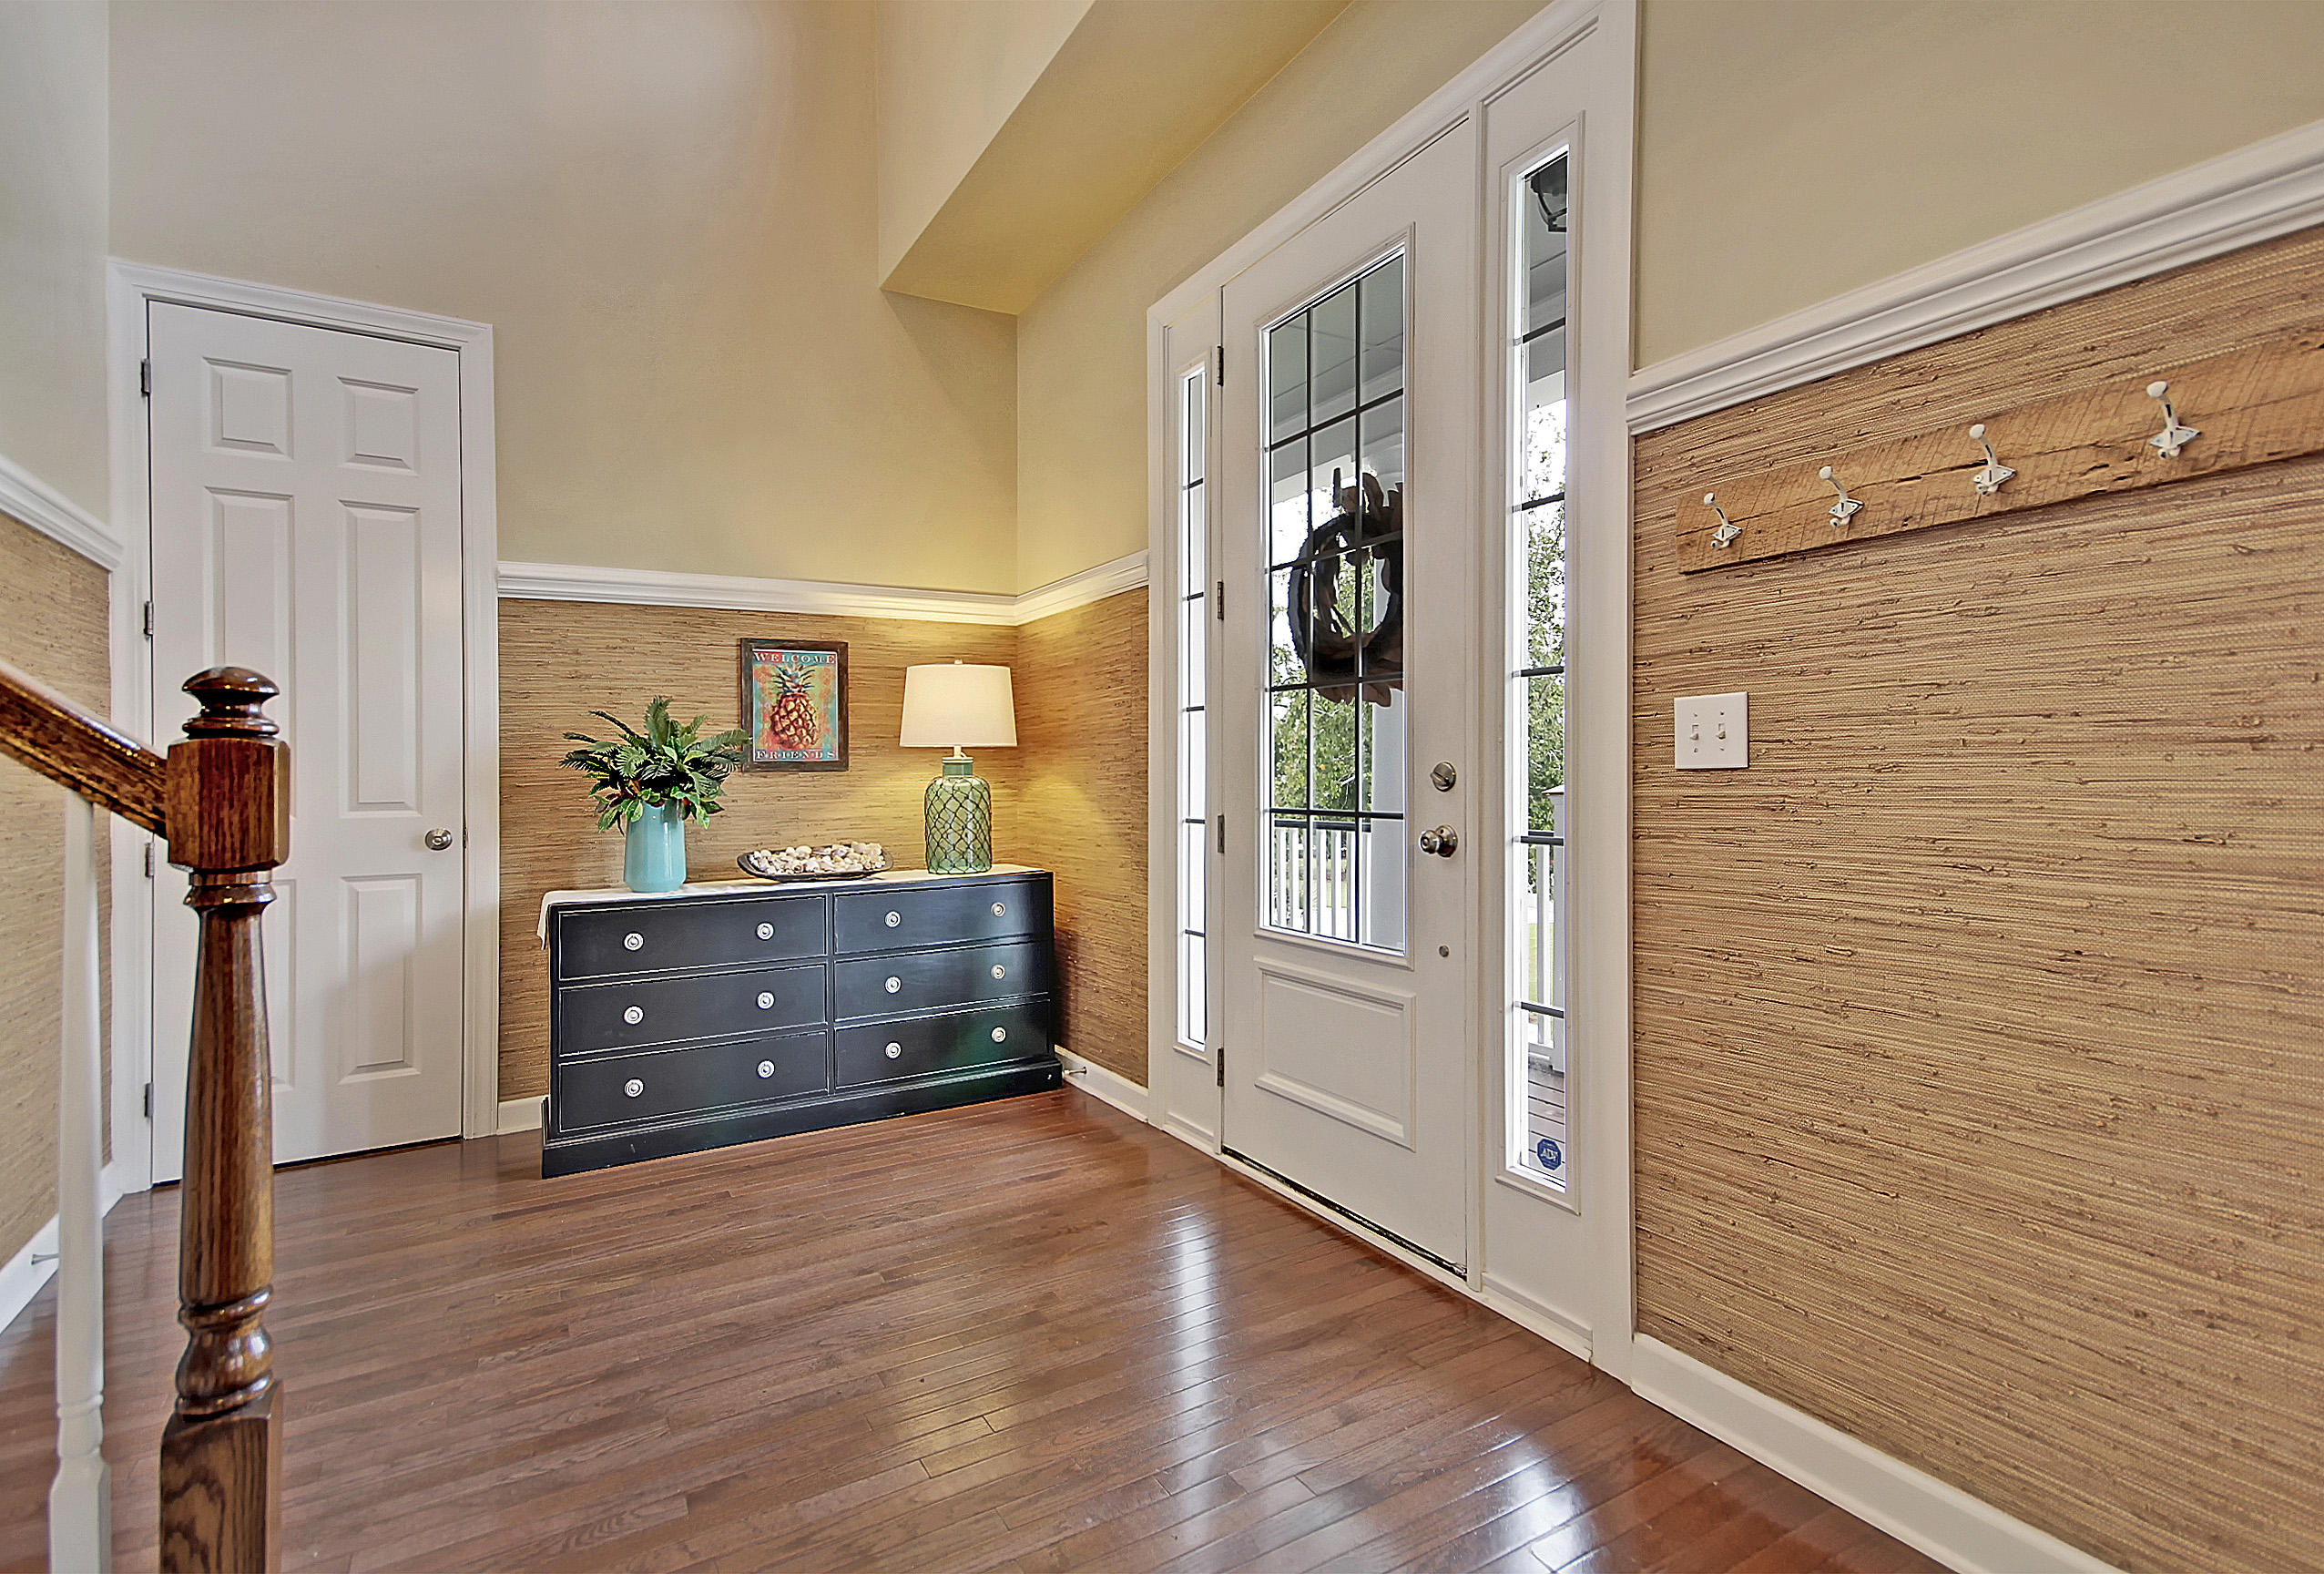 Dunes West Homes For Sale - 3056 Riverwood, Mount Pleasant, SC - 39